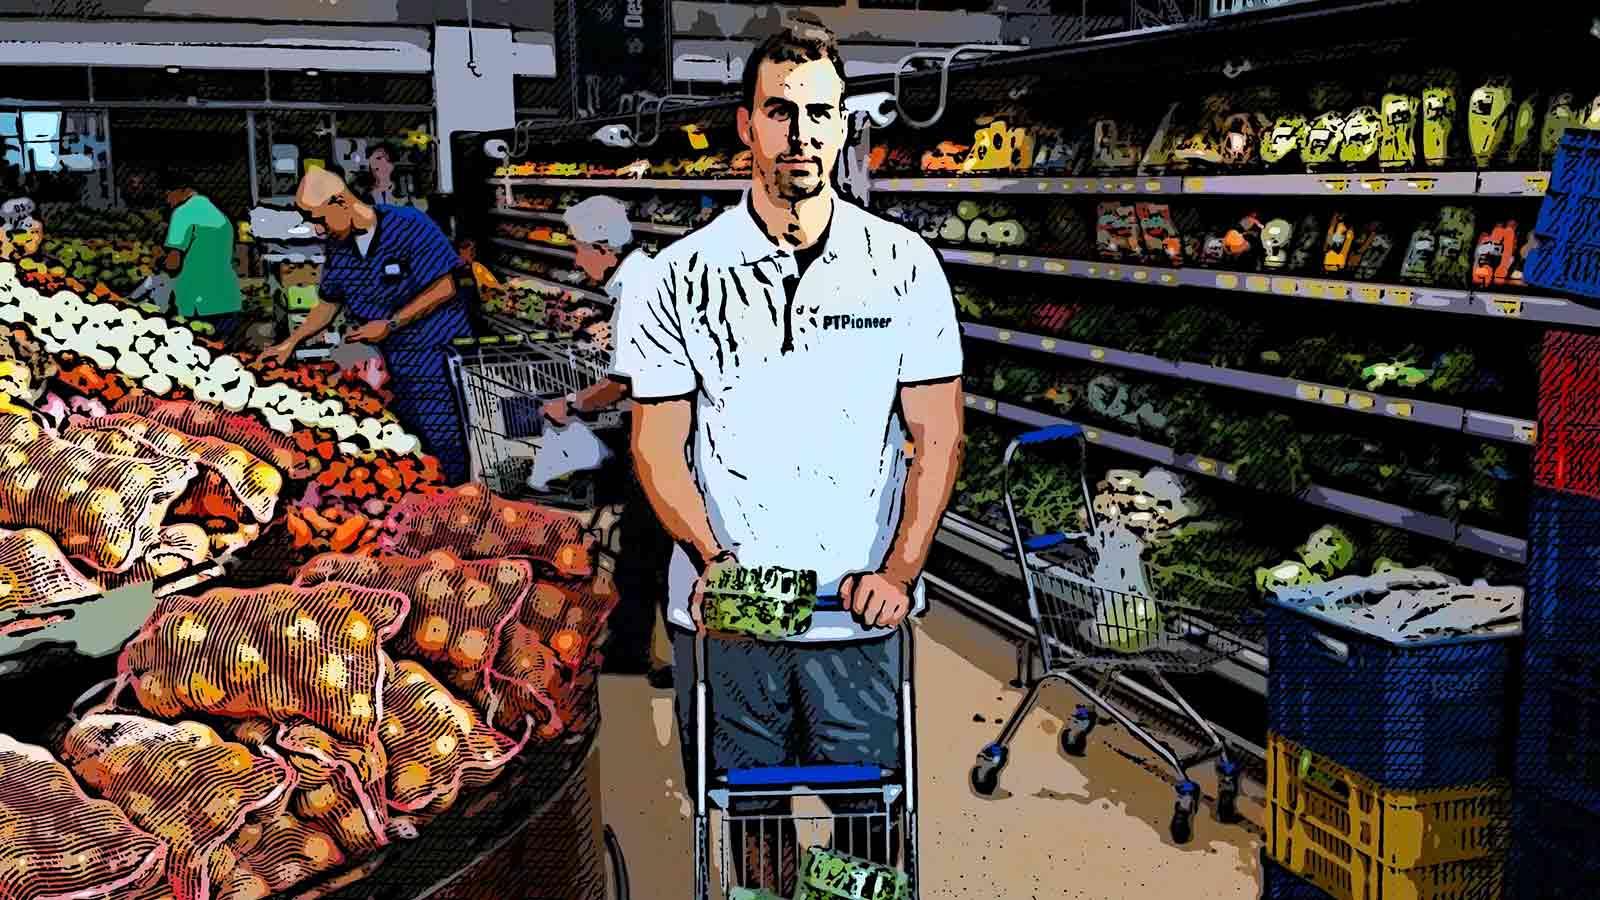 Health coach shopping